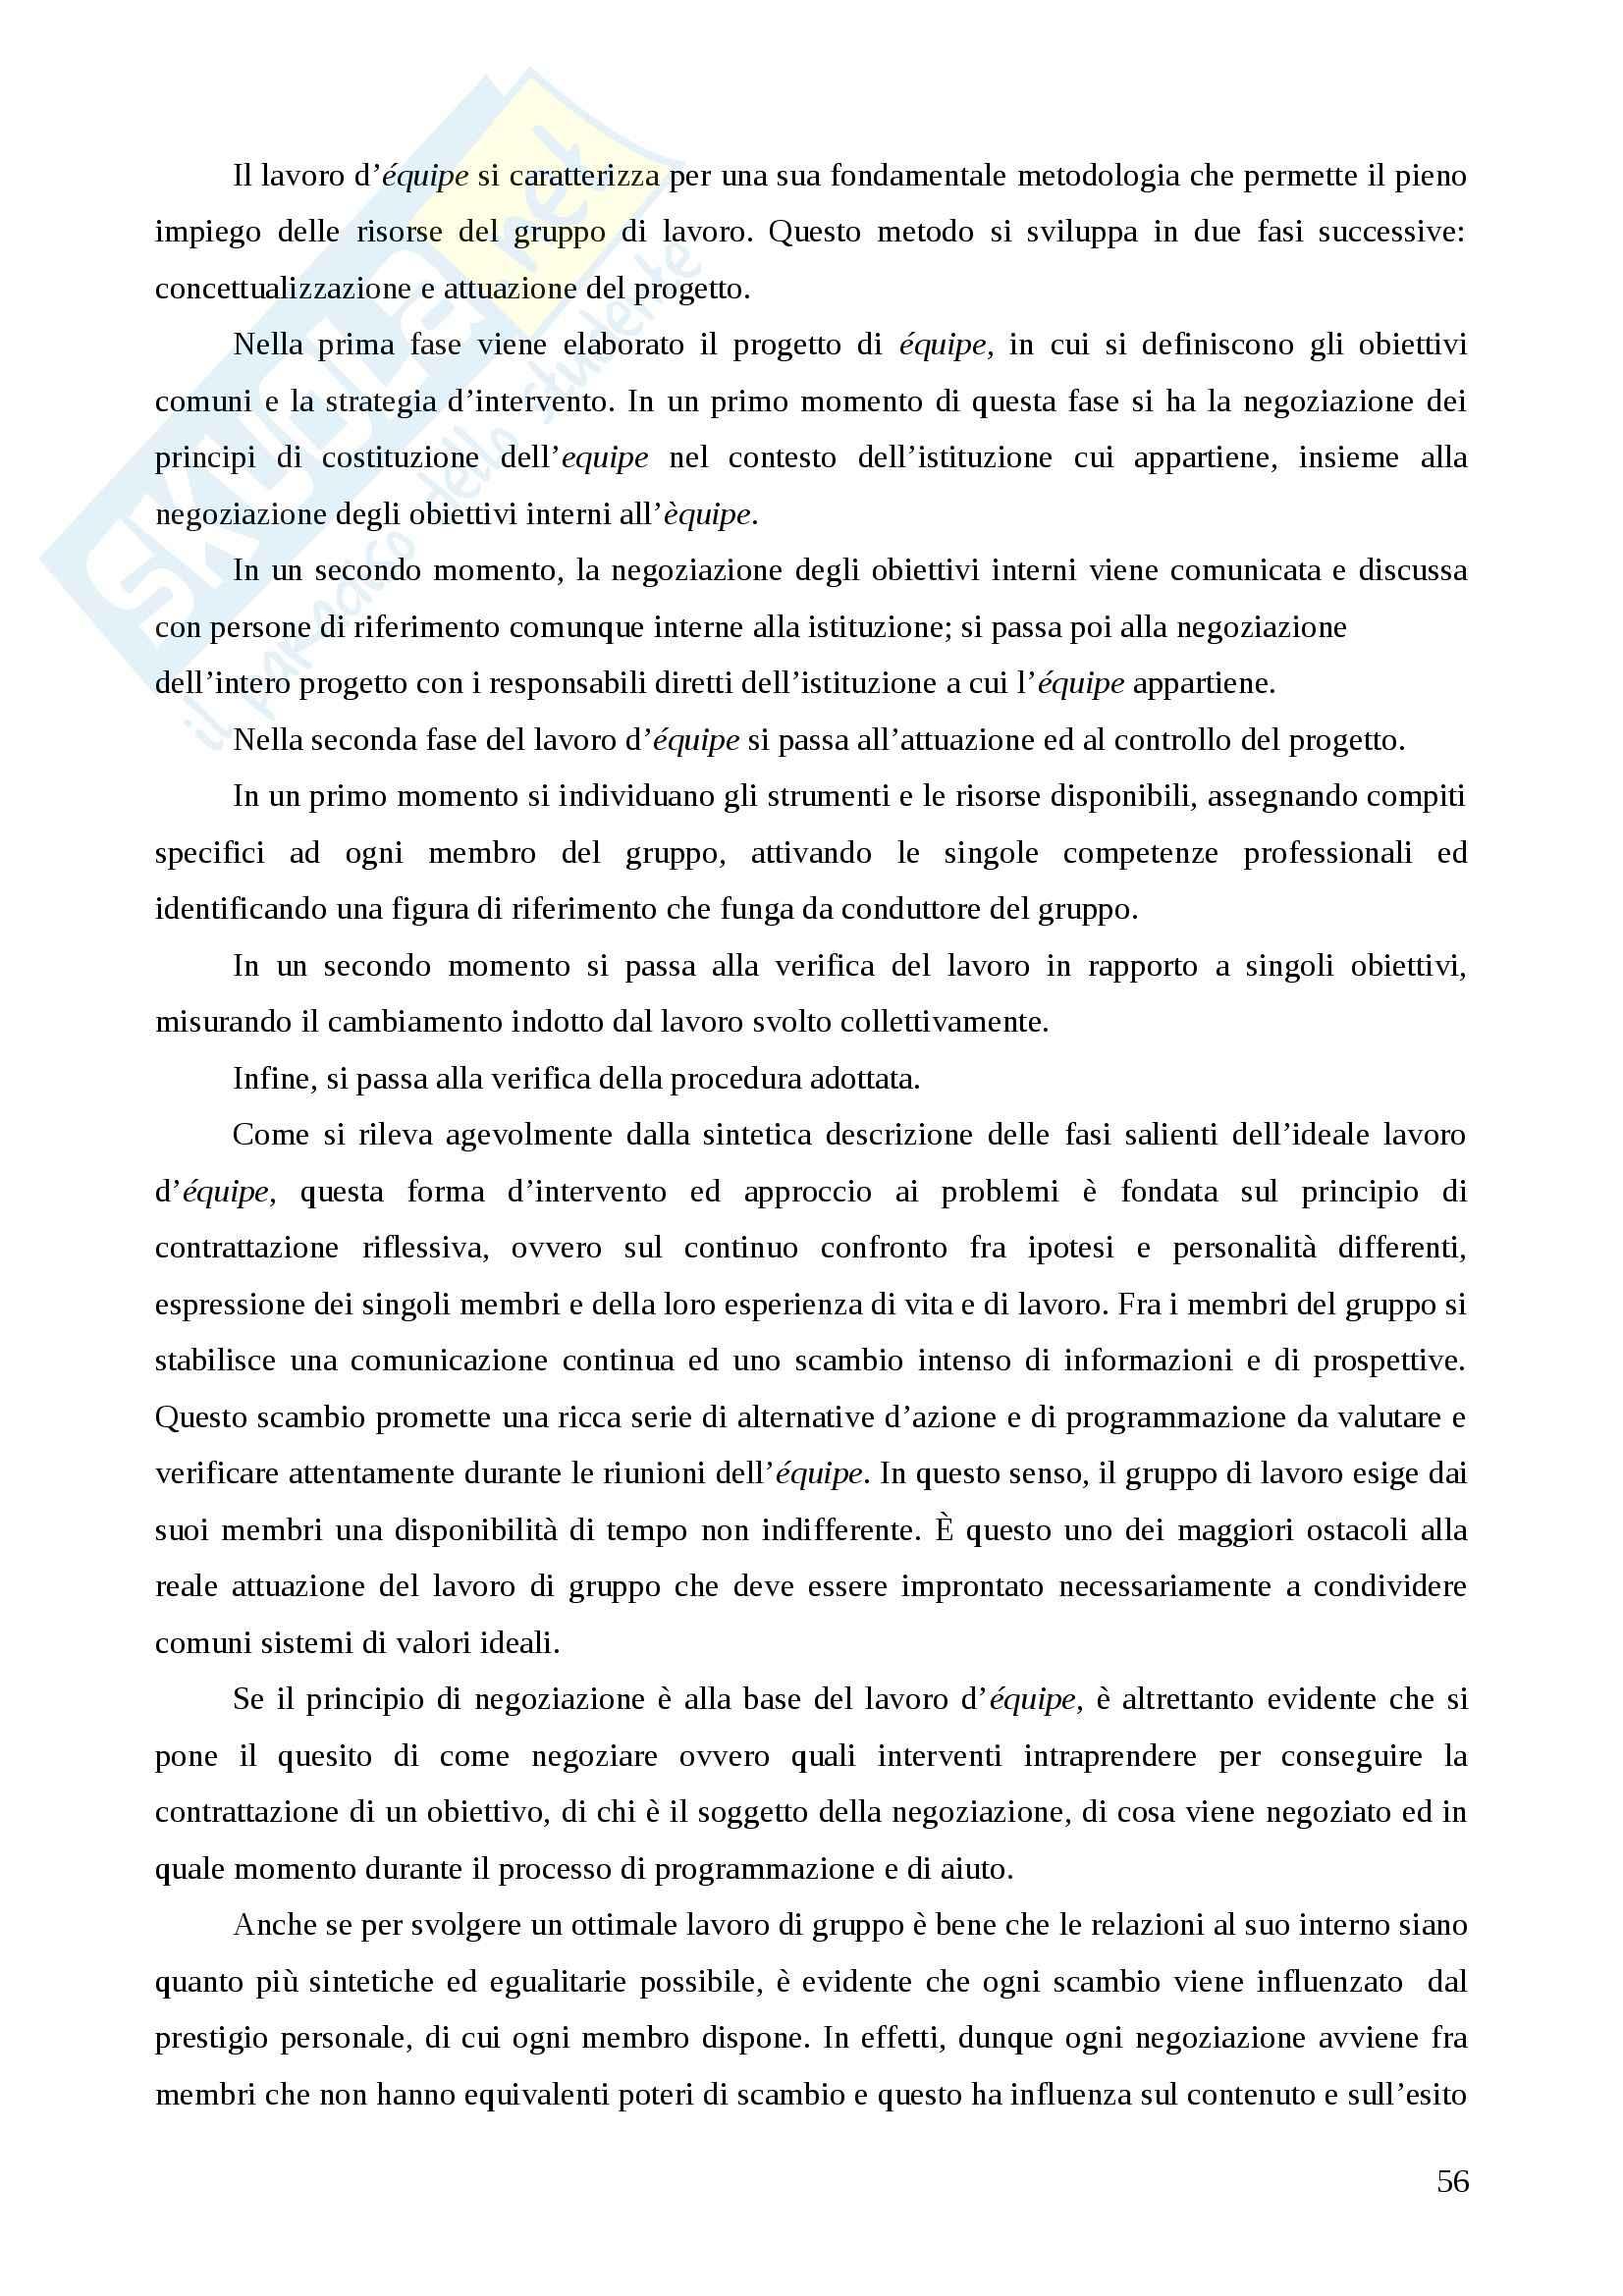 """Riassunto esame  Principi, fondamenti e organizzazione del servizio sociale, prof. Marsella, libro consigliato  """"Manuale dell'operatore sociale"""" Pag. 56"""